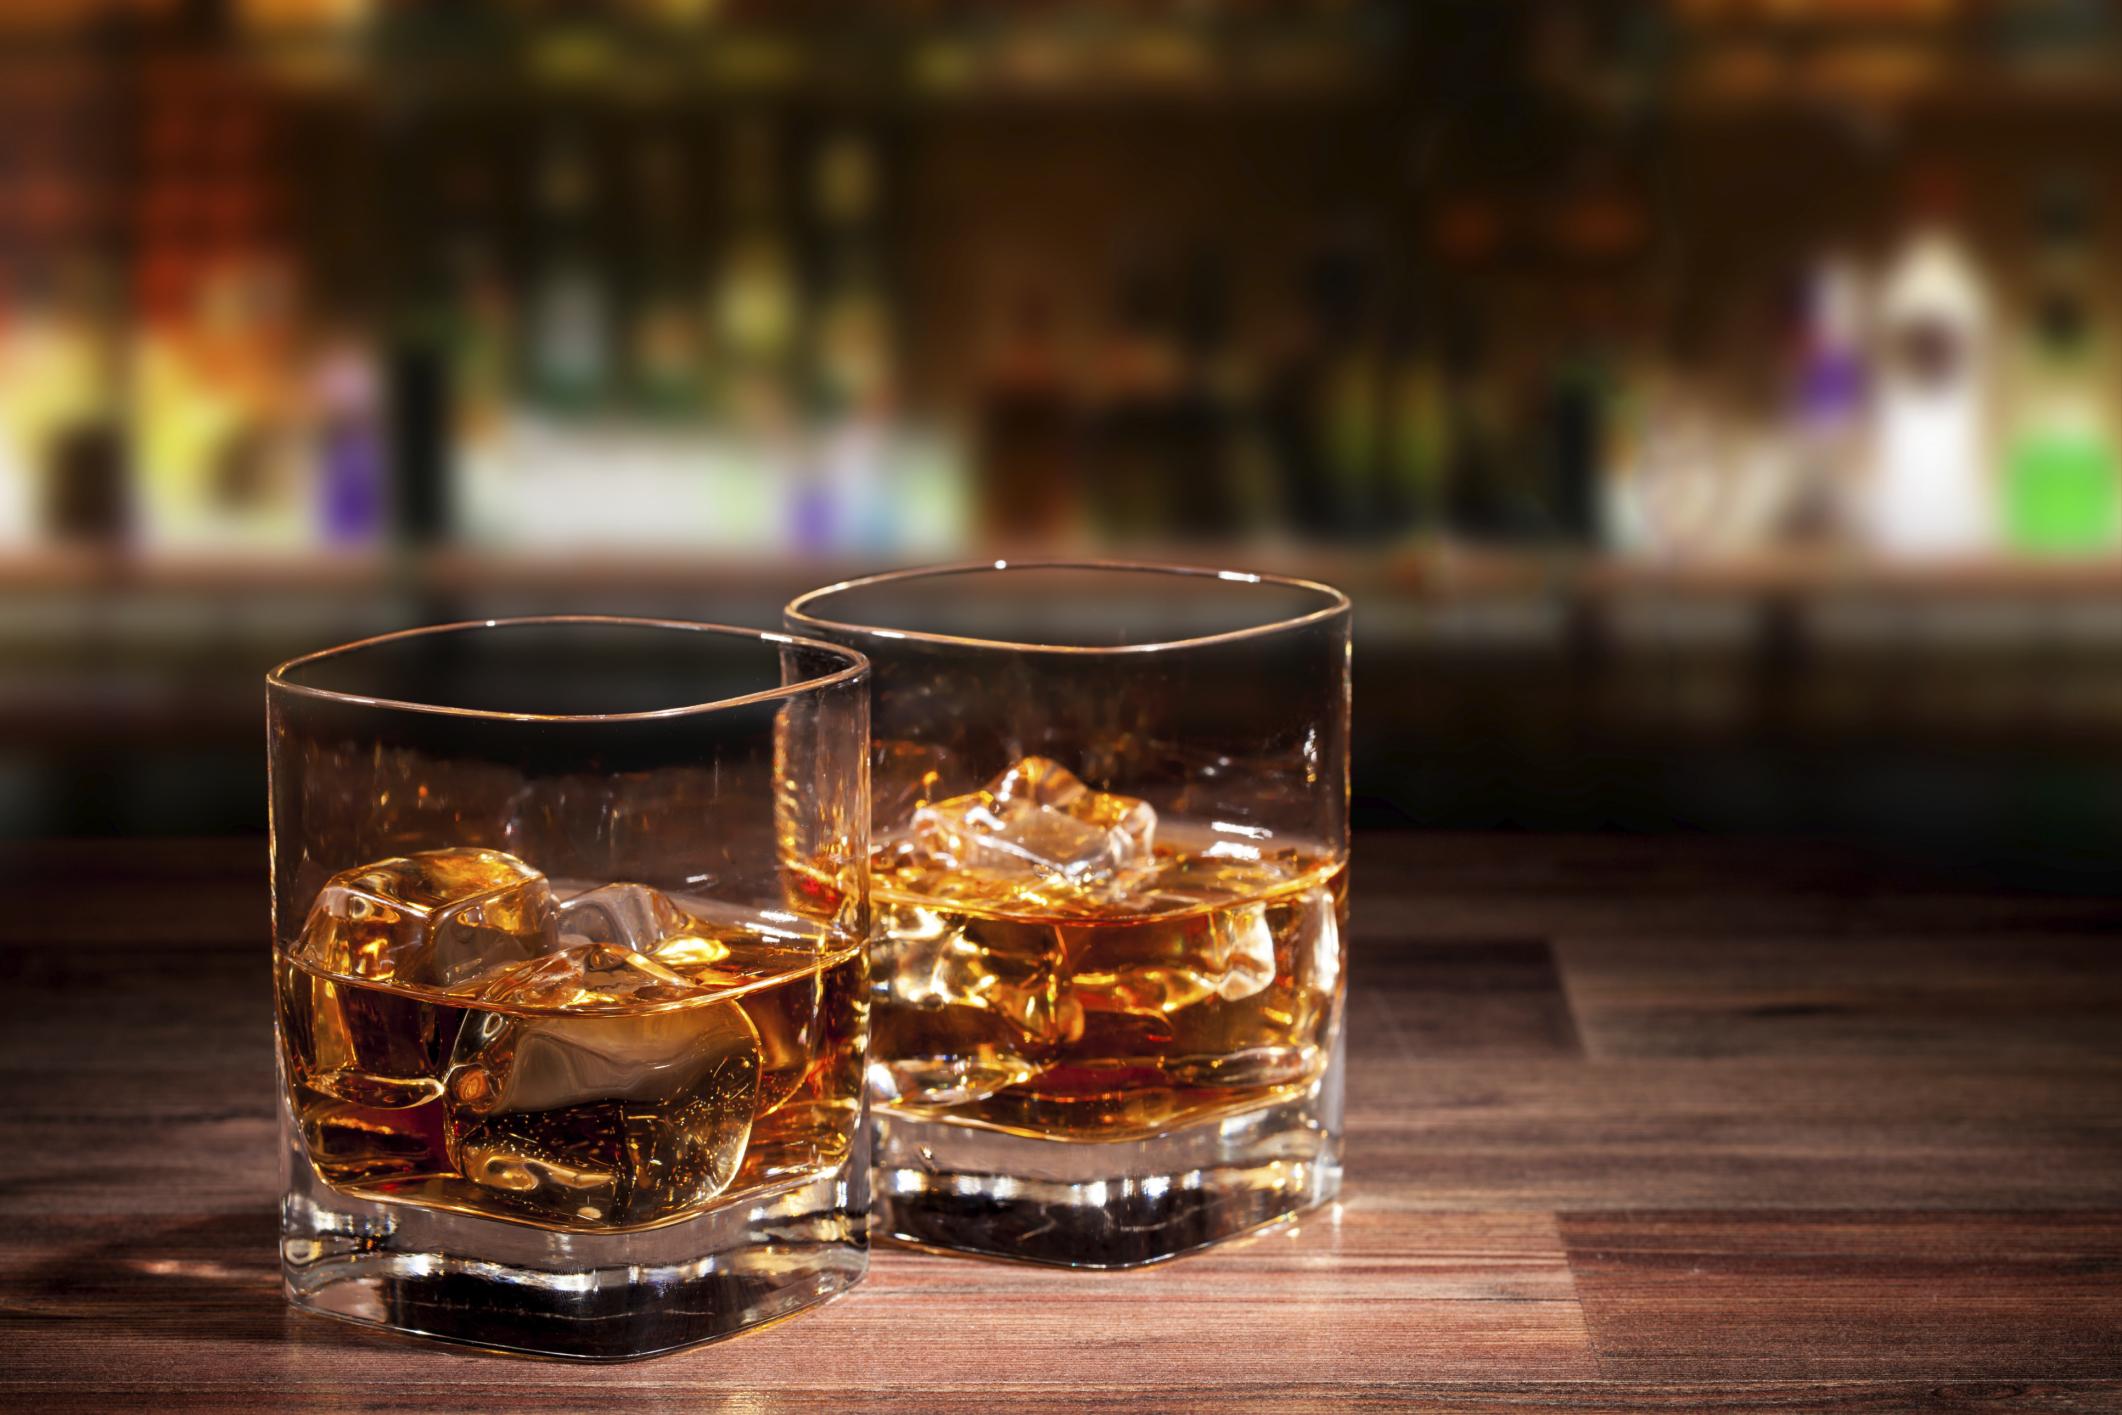 Whiskey - Boscia's Liquors Discount House - Rotterdam, NY